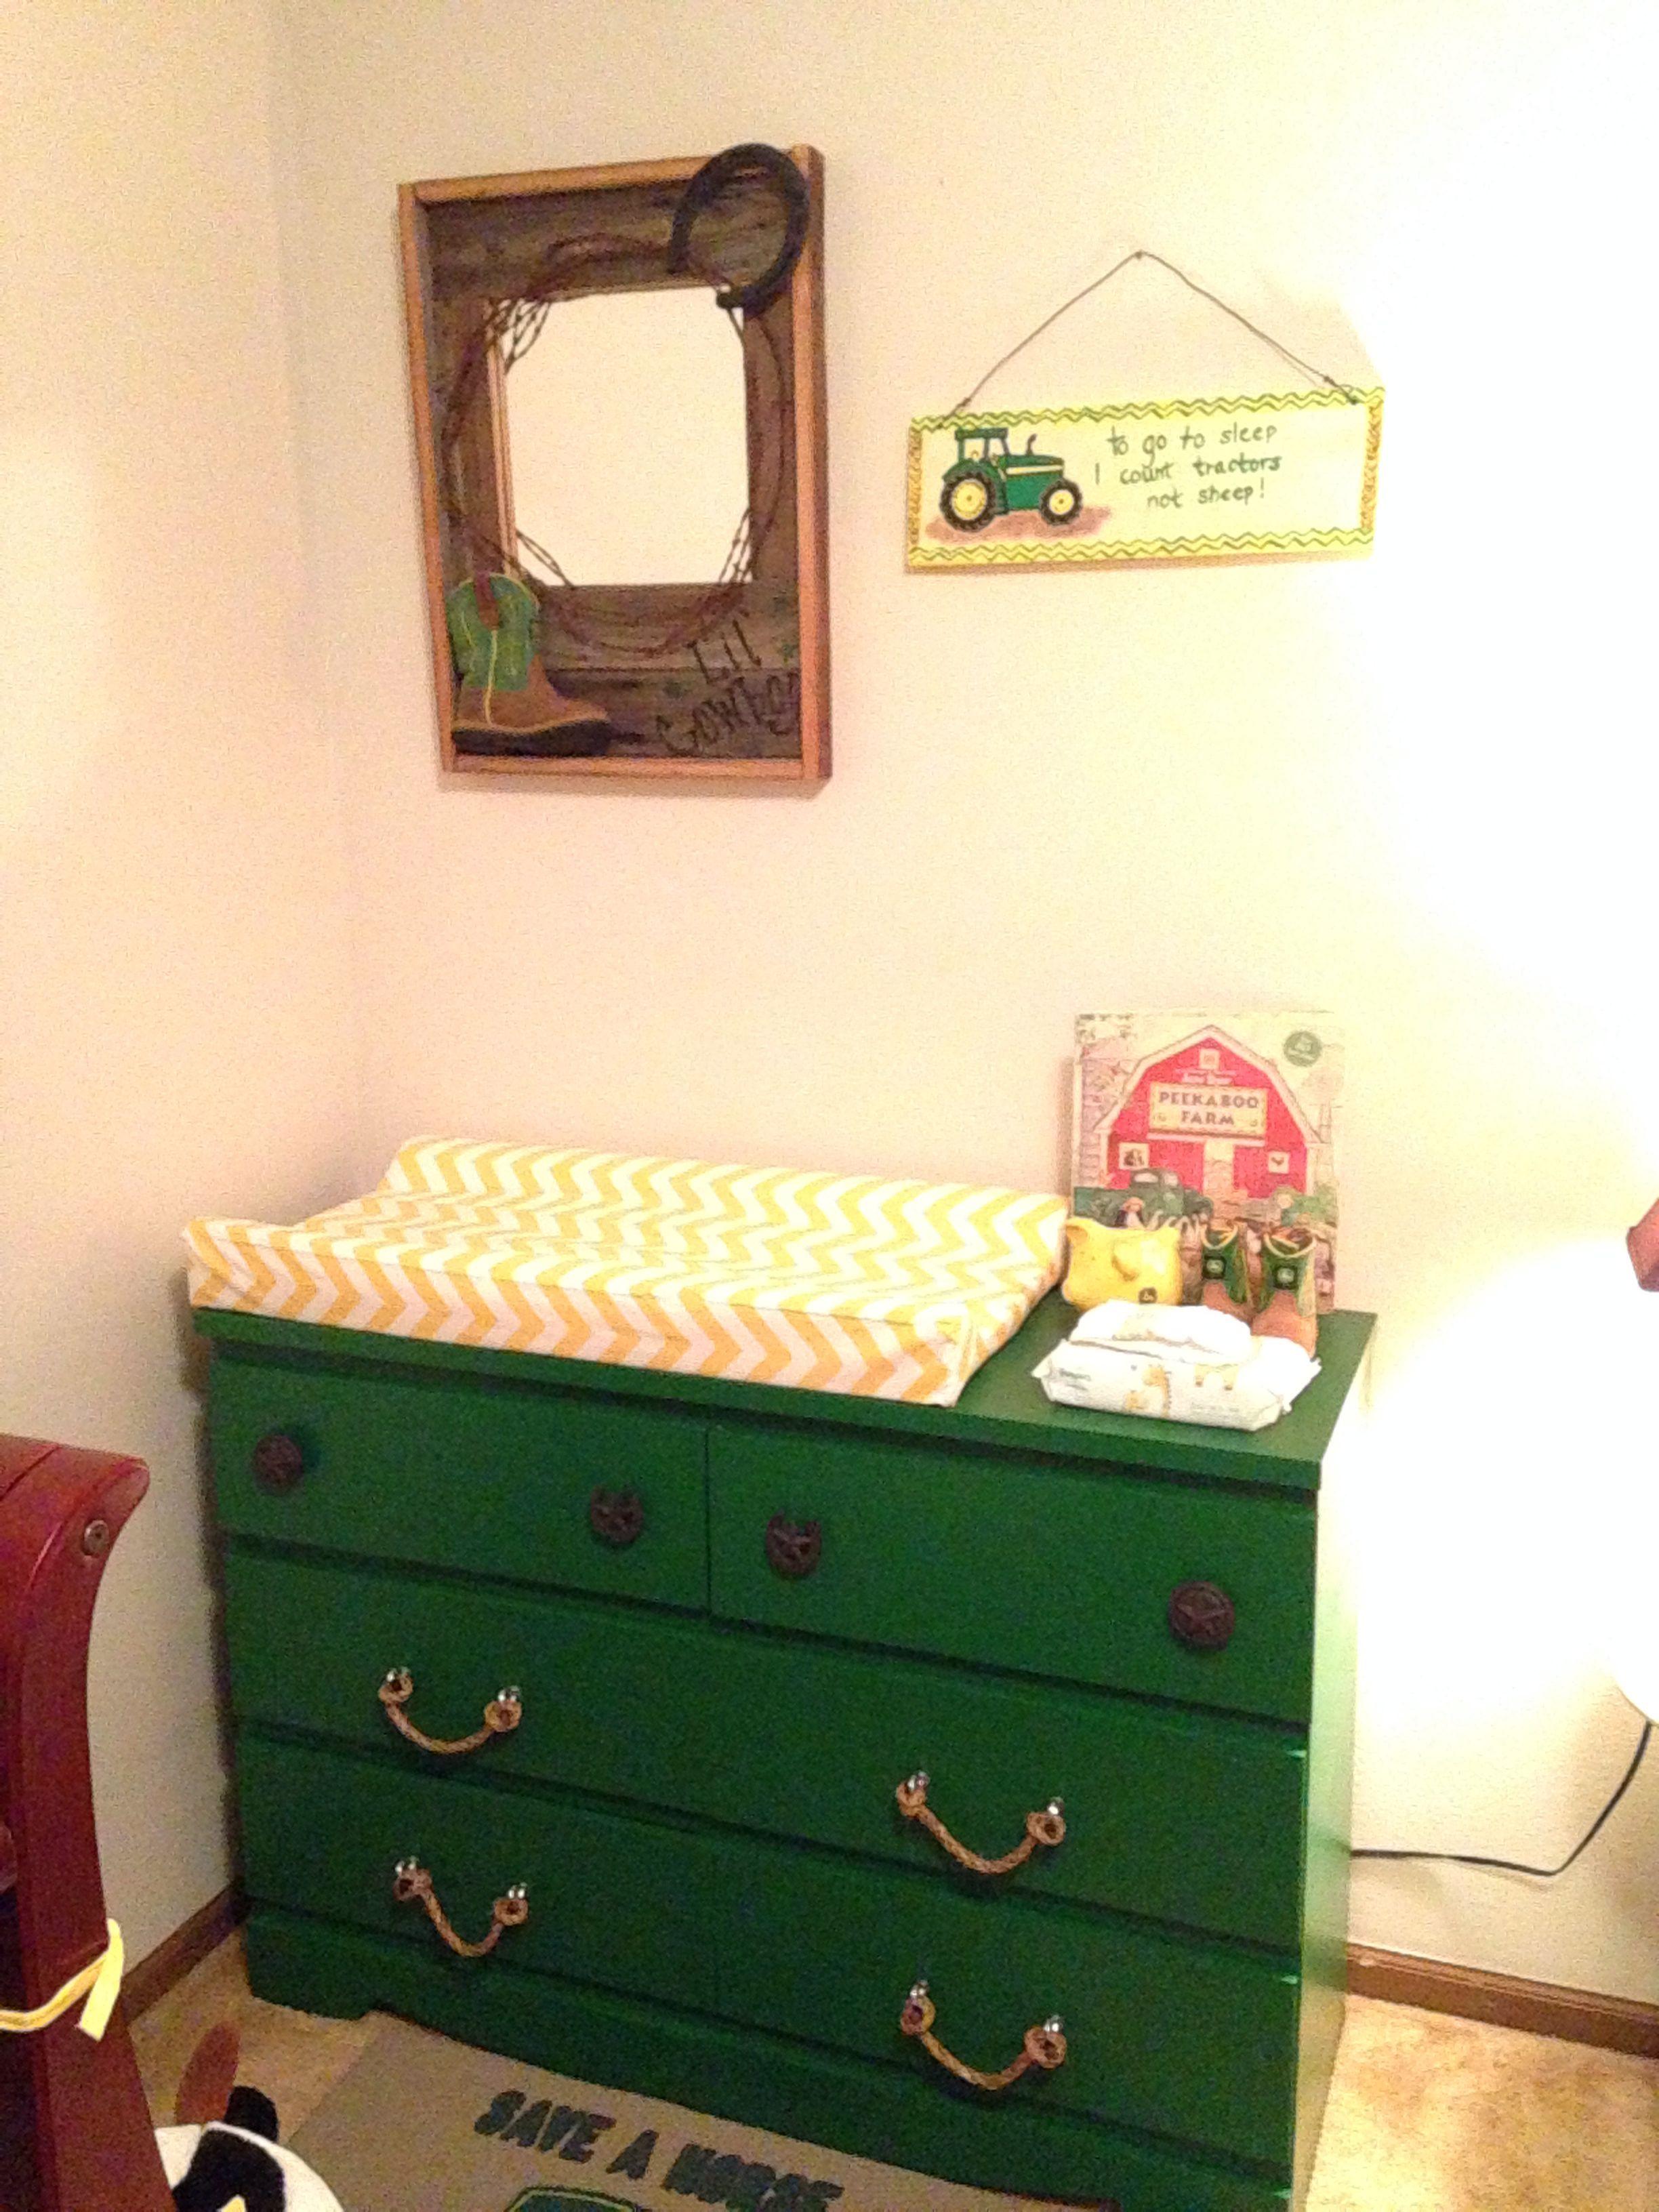 My Sons John Deere Nursery Grandpas Dresser Painted Green Homeade Rope Pulls Other Cute Diy Stuff